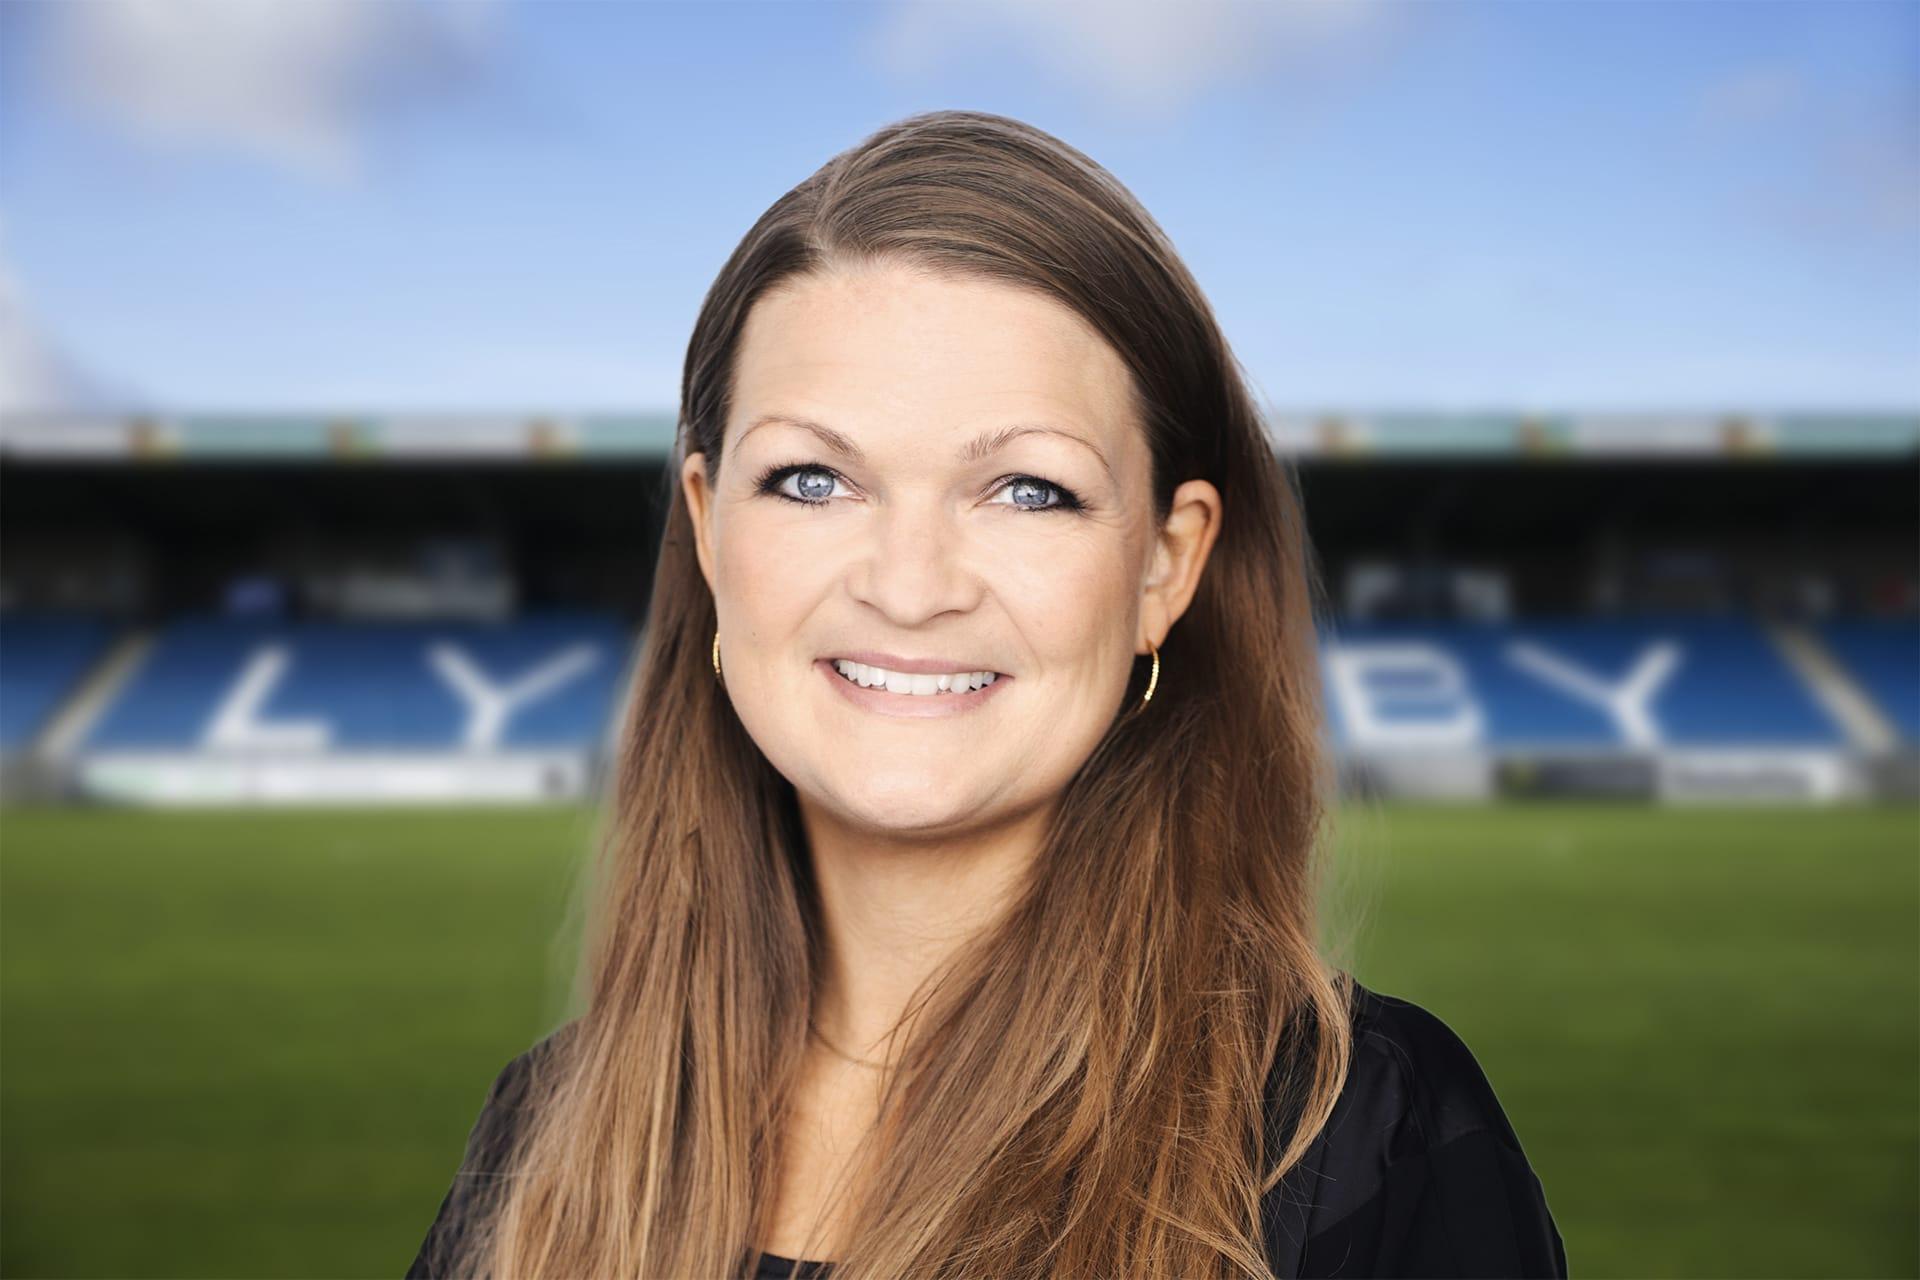 Janni Møller Thomsen